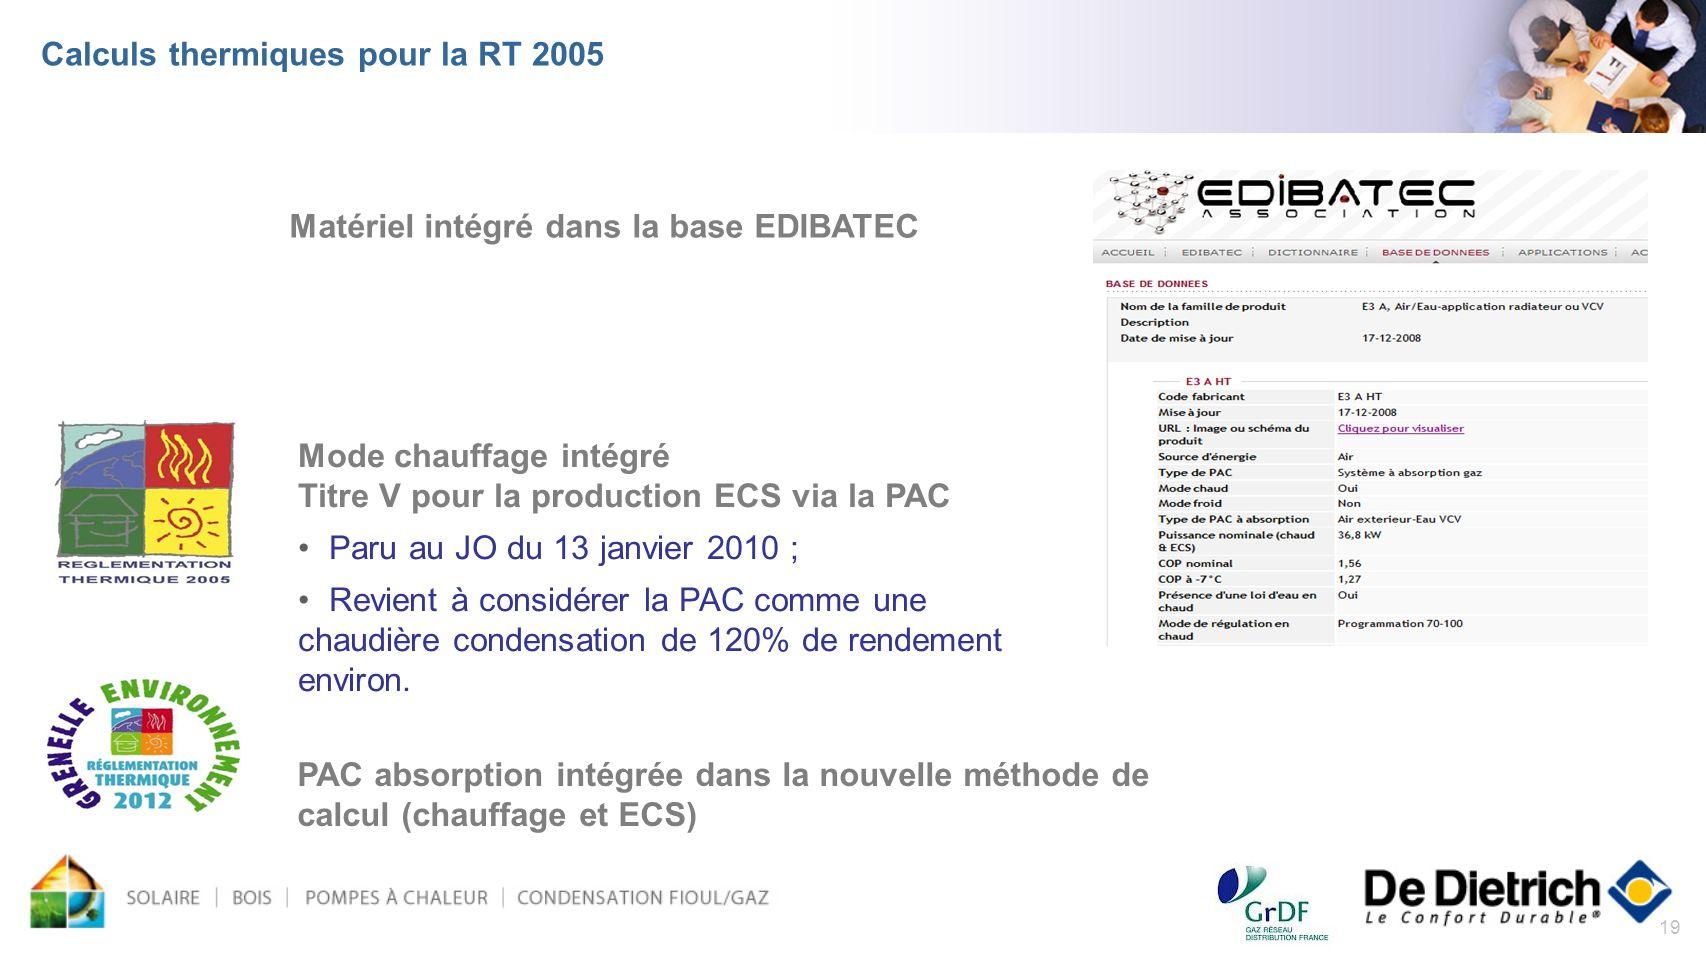 Calculs thermiques pour la RT 2005